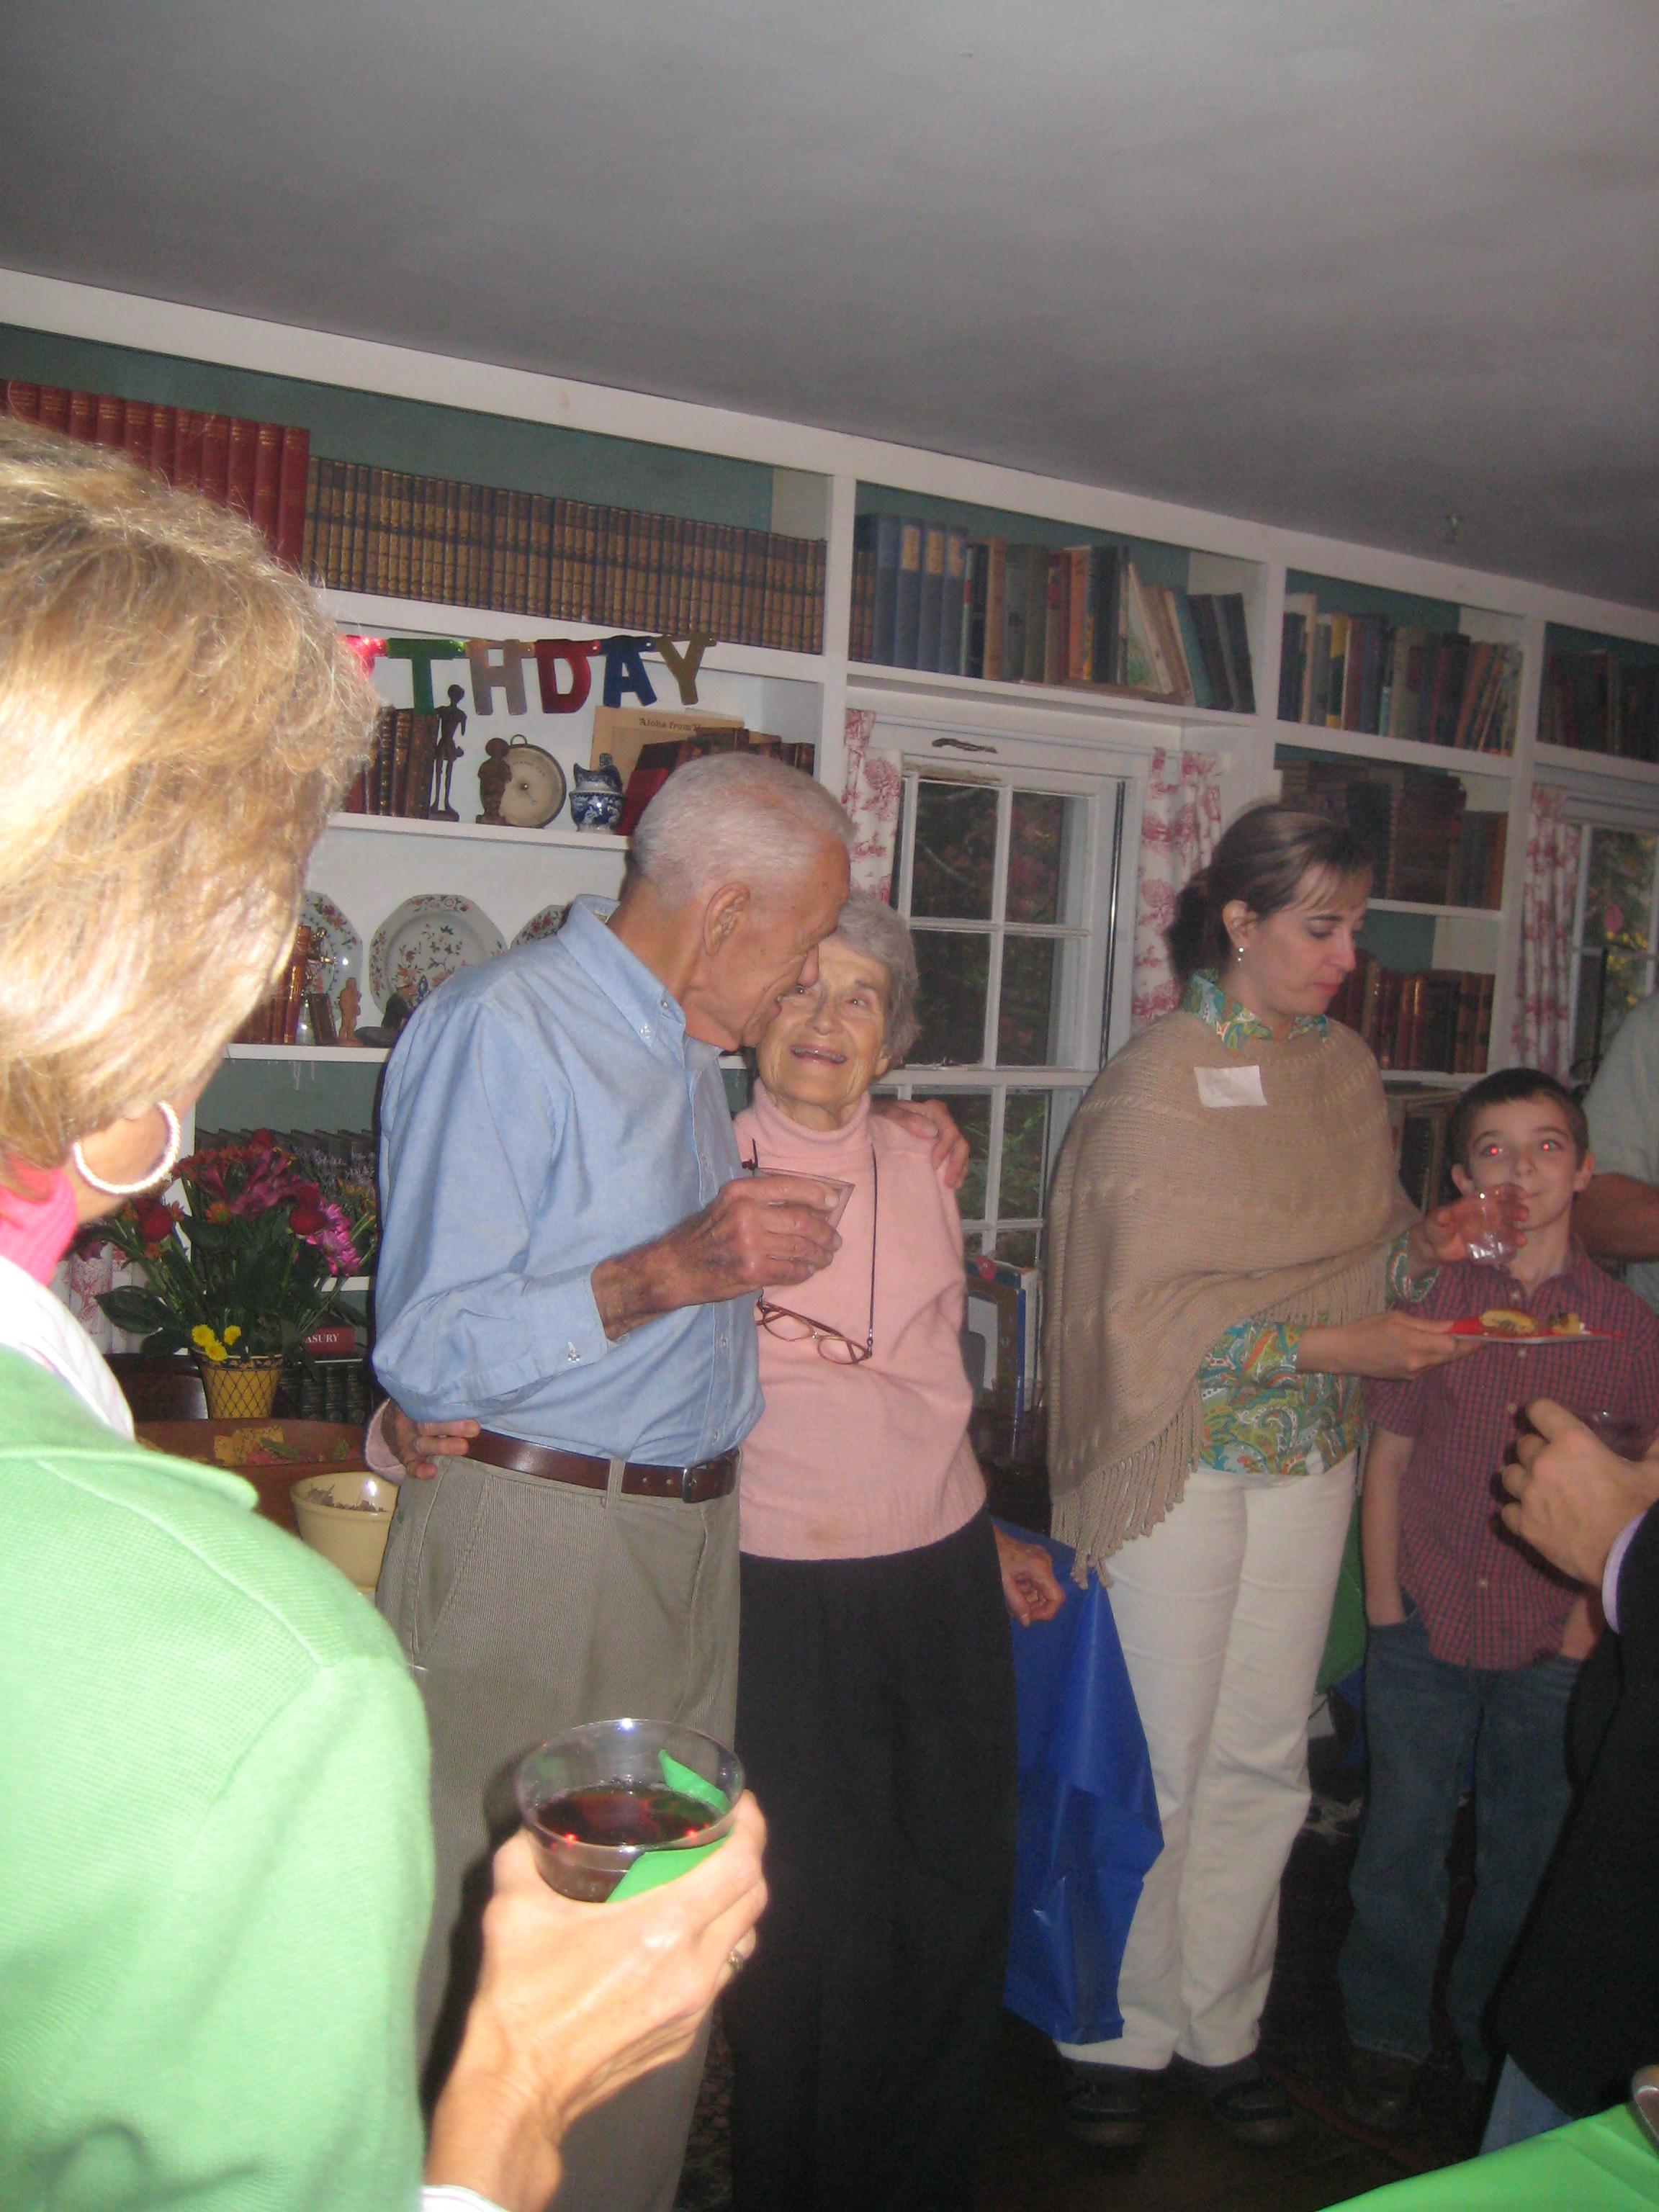 Janet & John & party goers 1.JPG